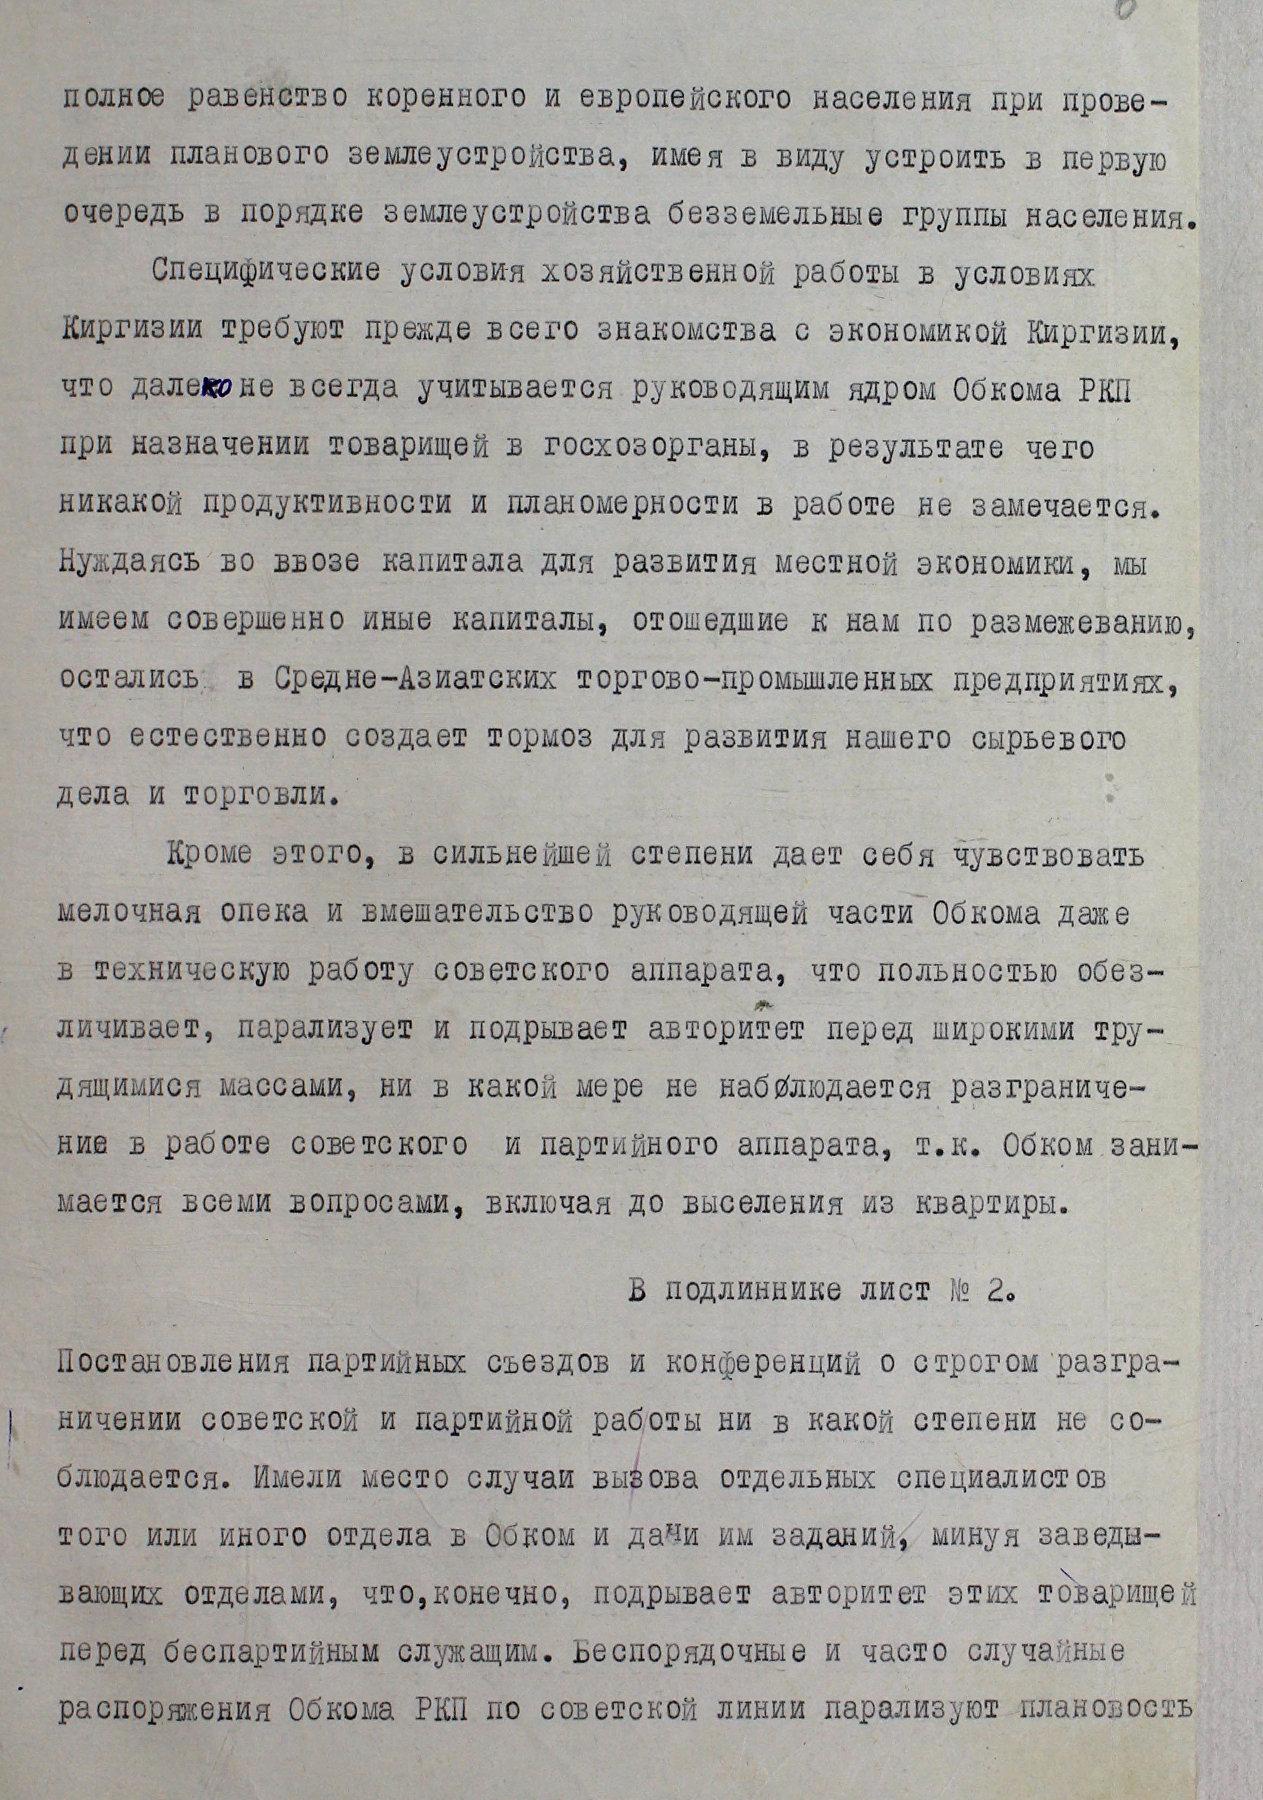 Содержание письма знаменитой тридцатки Кара-Киргизской АО, отправленный в Москву